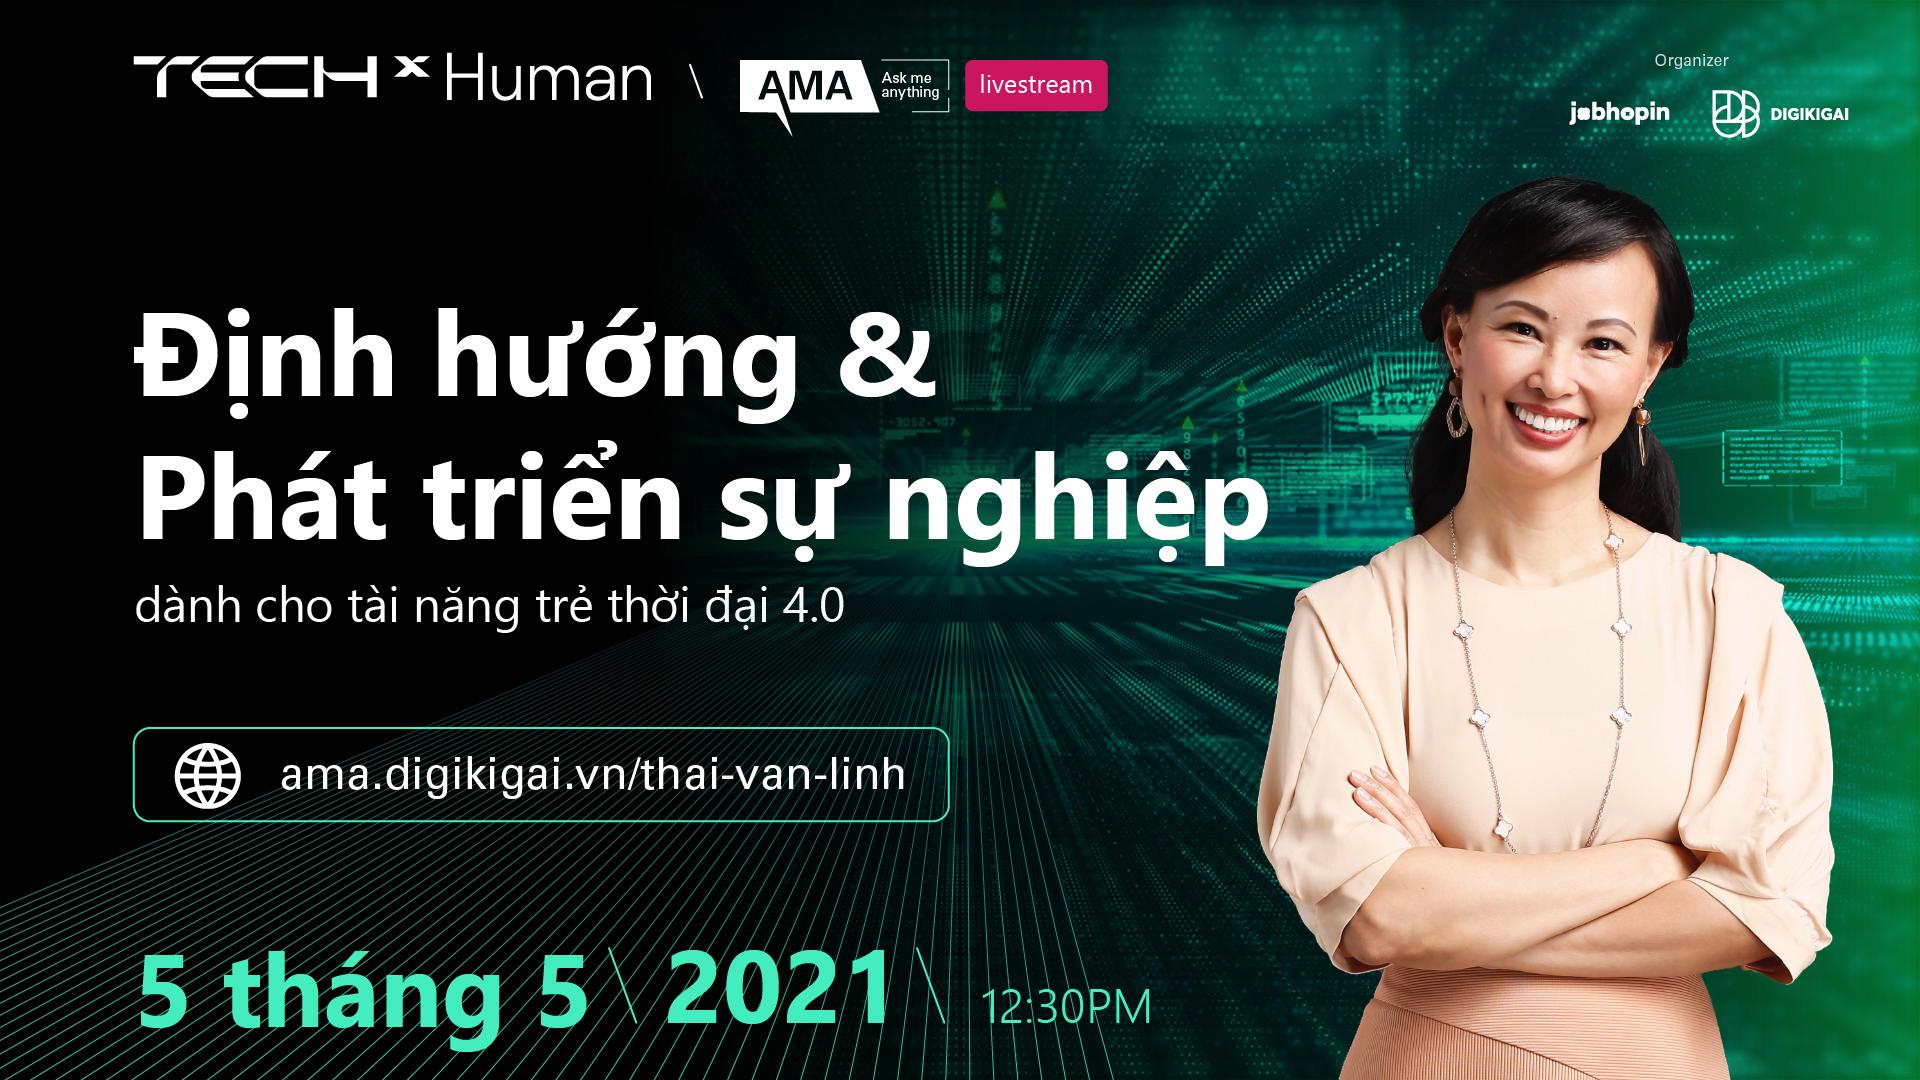 Khai số AMA đầu tiên của JobHopin và chị Thái Vân Linh